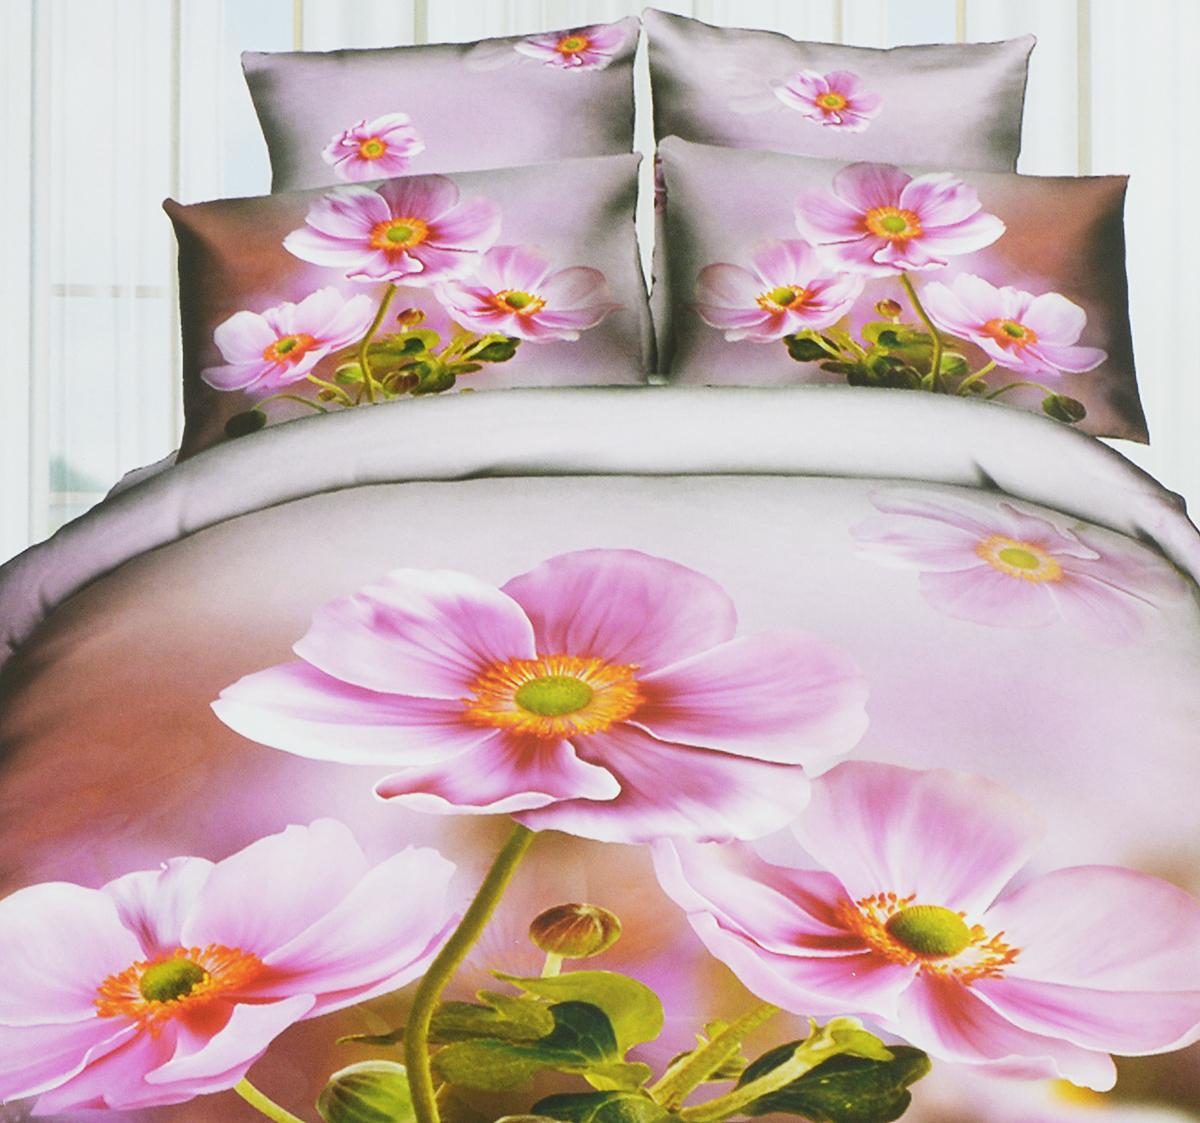 Комплект белья Mango, евро, наволочки 70х70, цвет: розовый, фуксия, зеленый. М-605-200-220-70